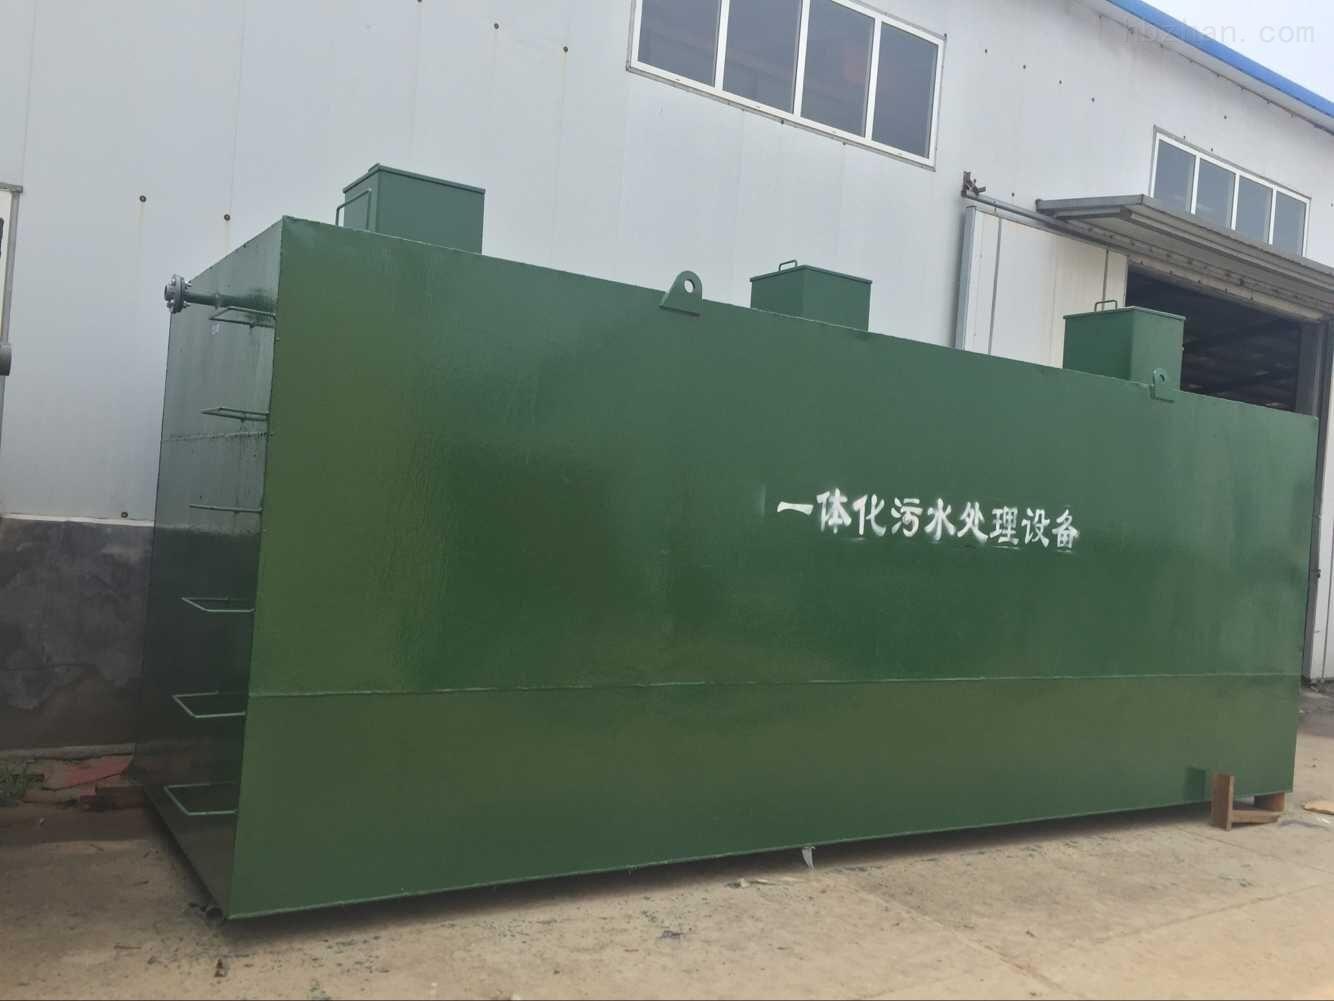 石家庄智能一体化污水处理设备品质保障